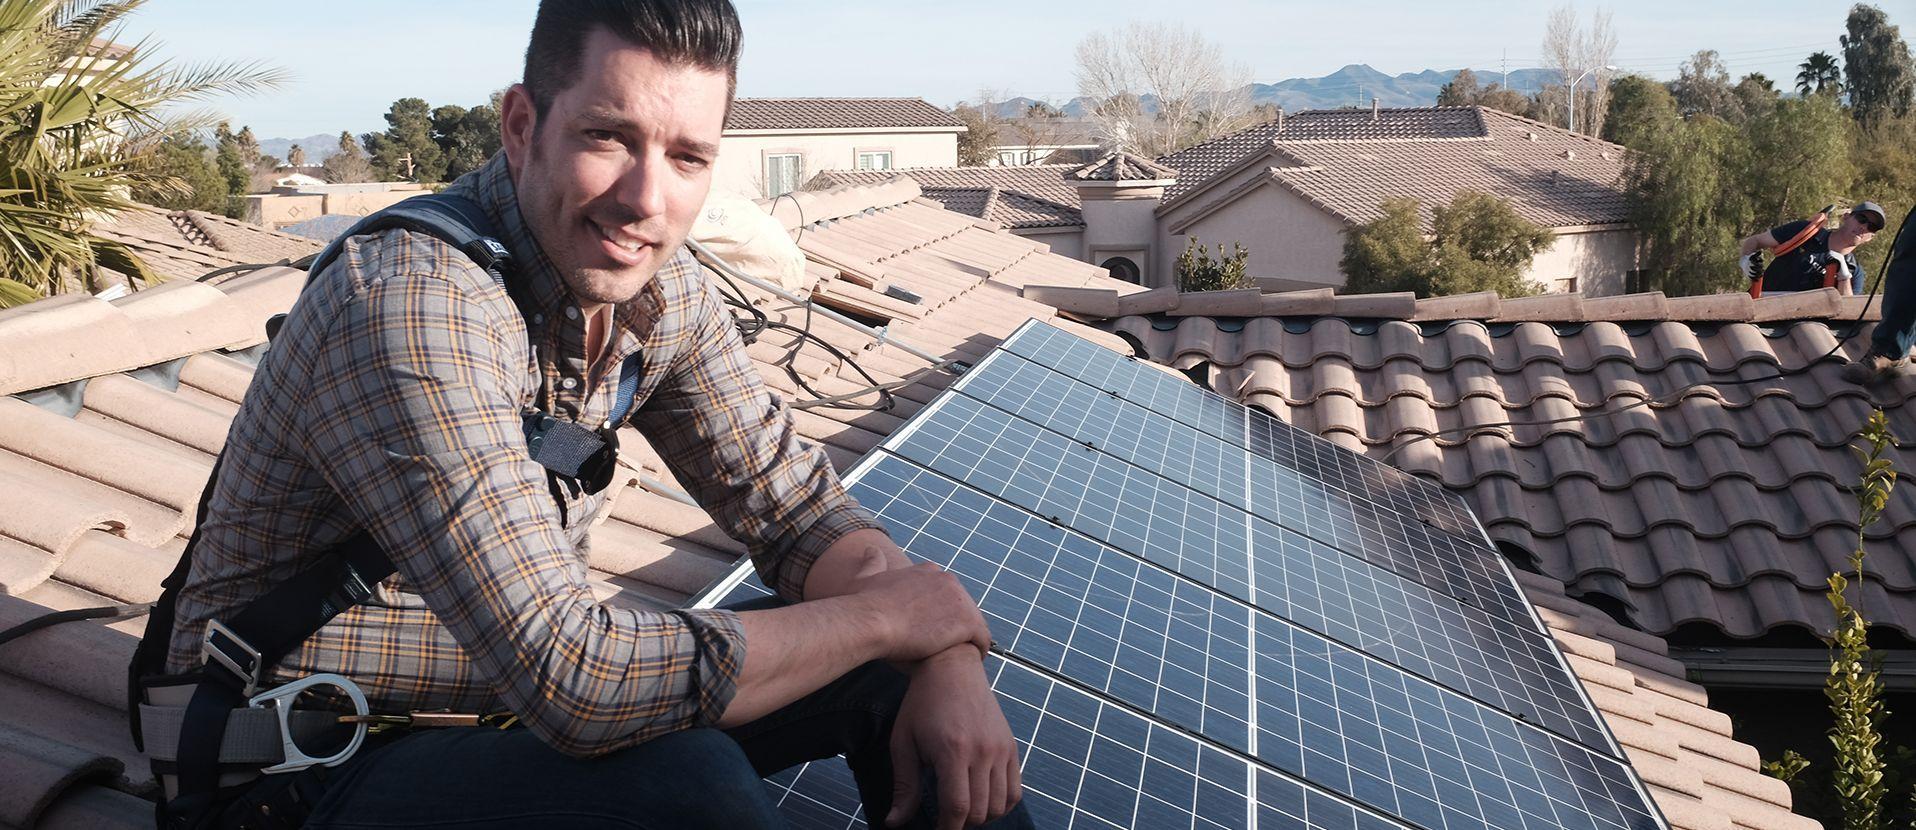 Jonathan Scott Previews New Documentary on Solar Energy